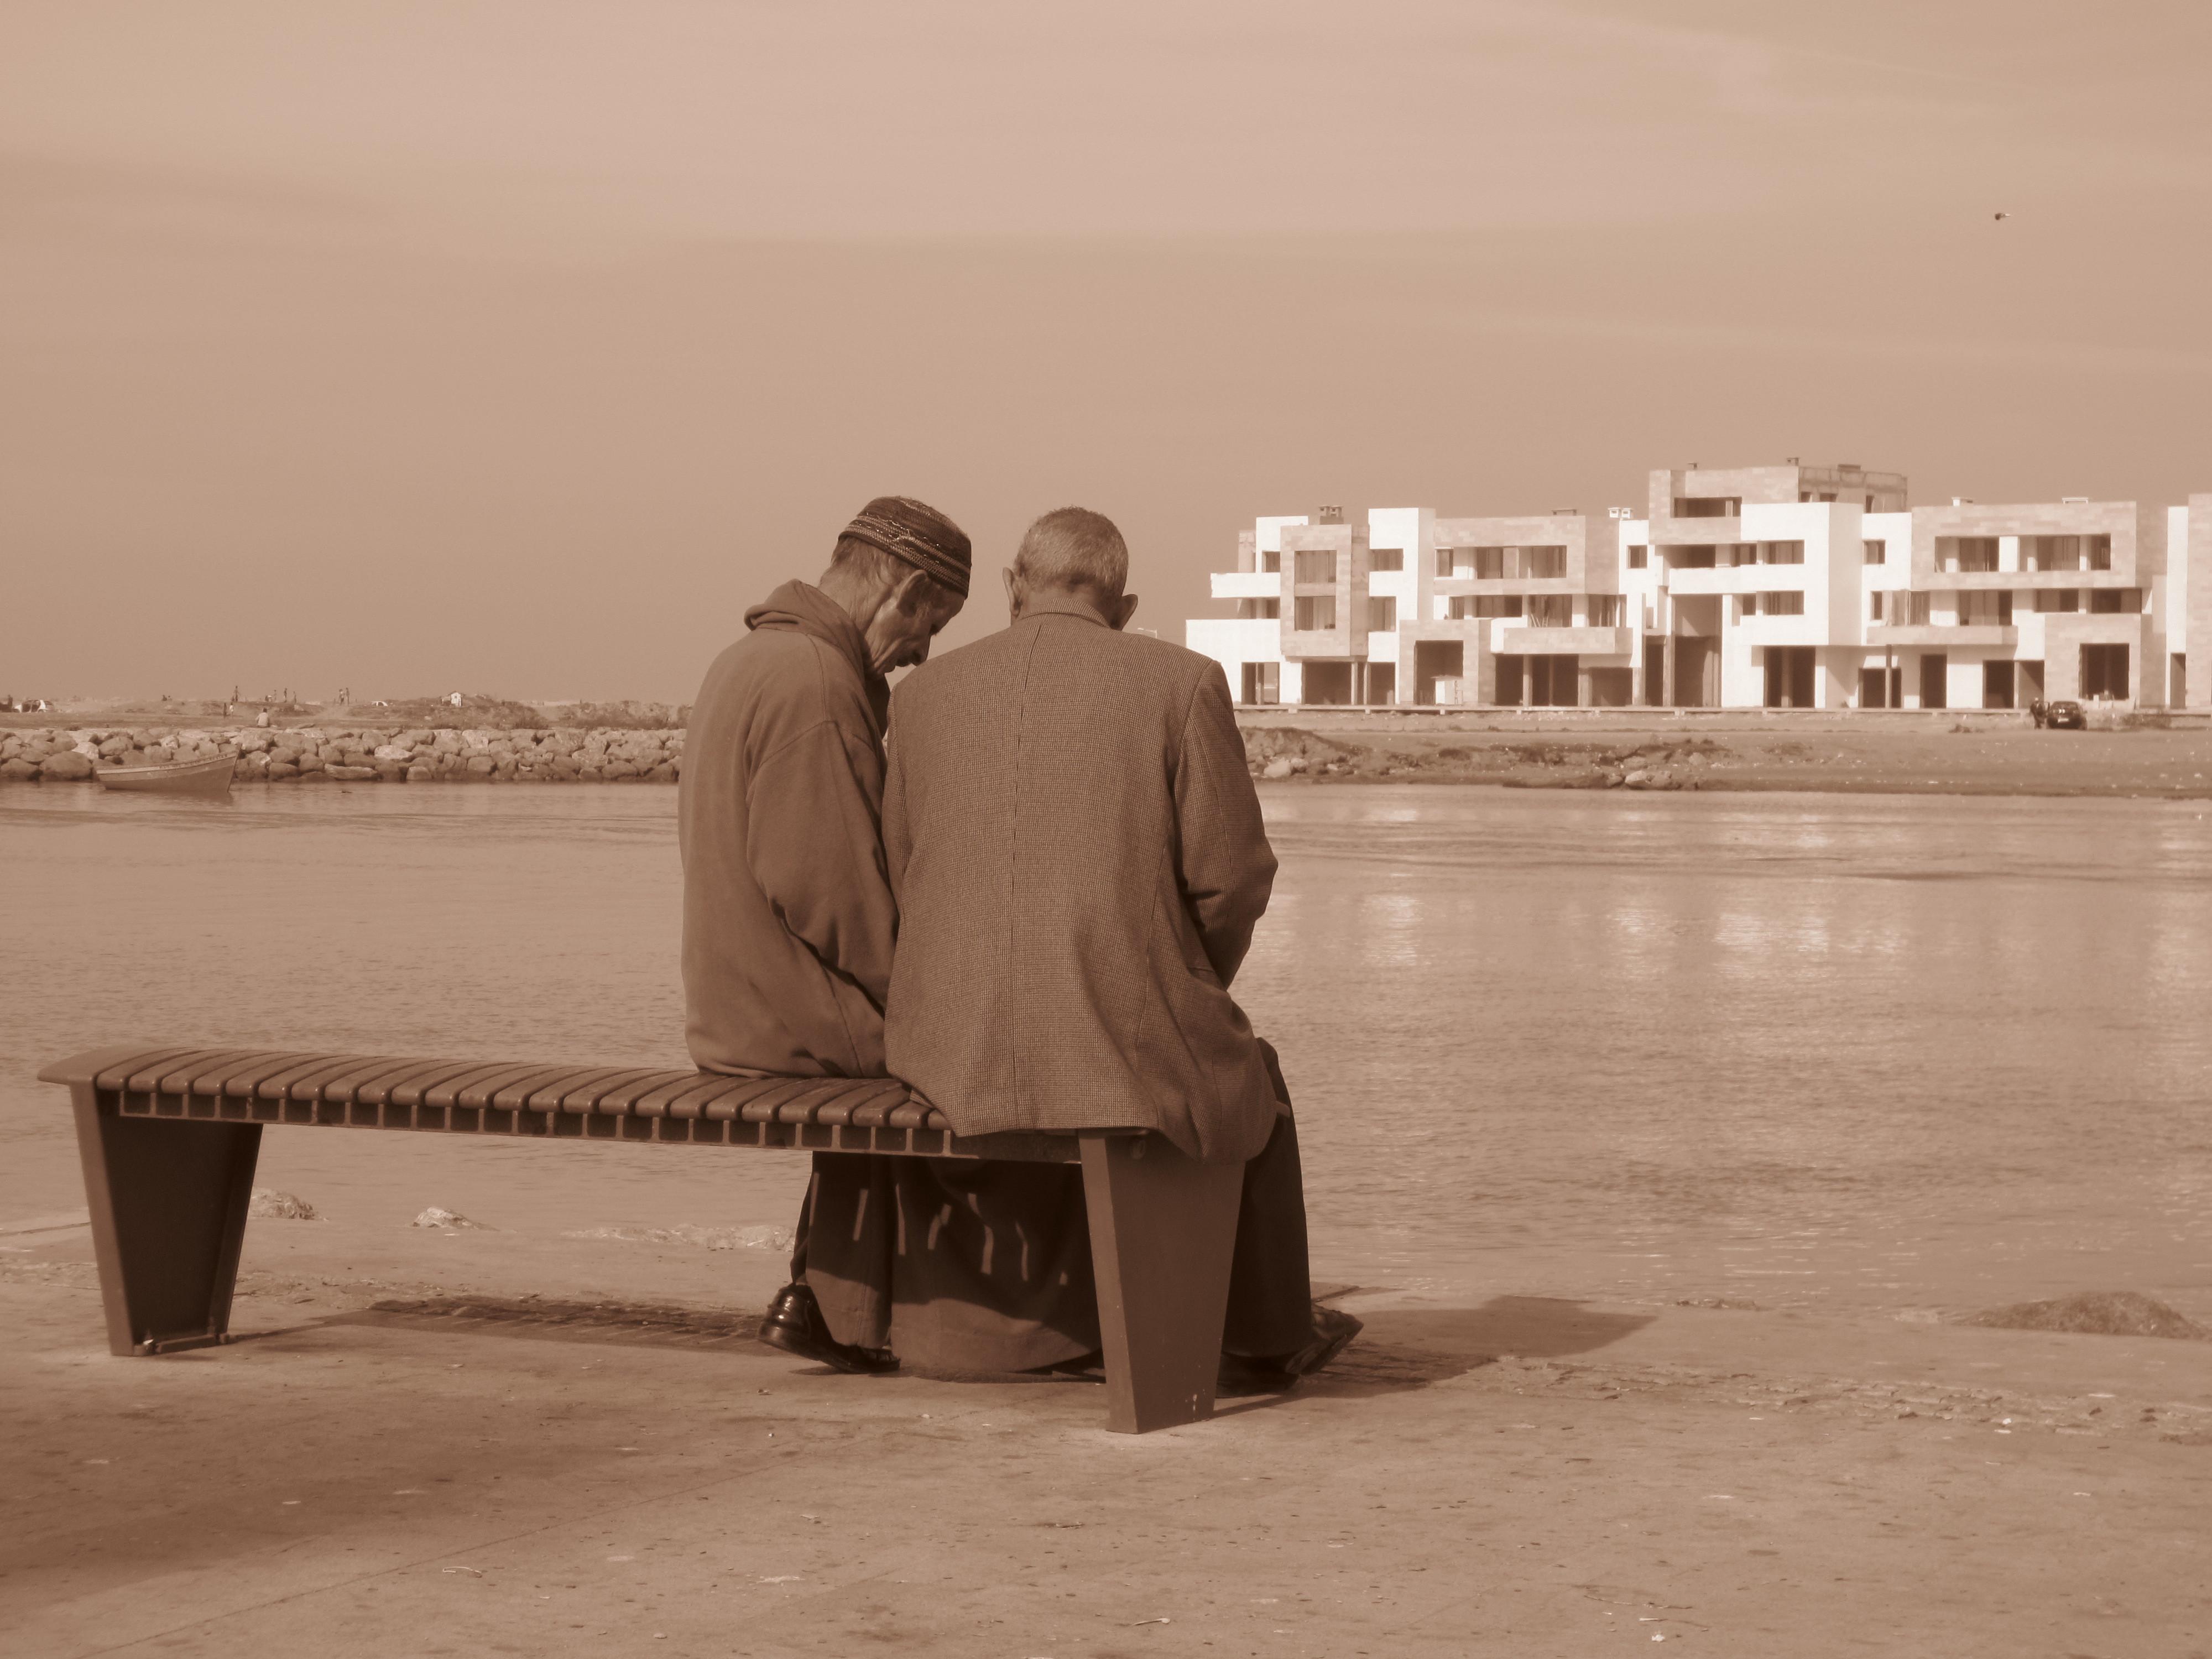 Op Een Bankje.Rabat 2 Oude Mannen Op Een Bankje Columbus Travel